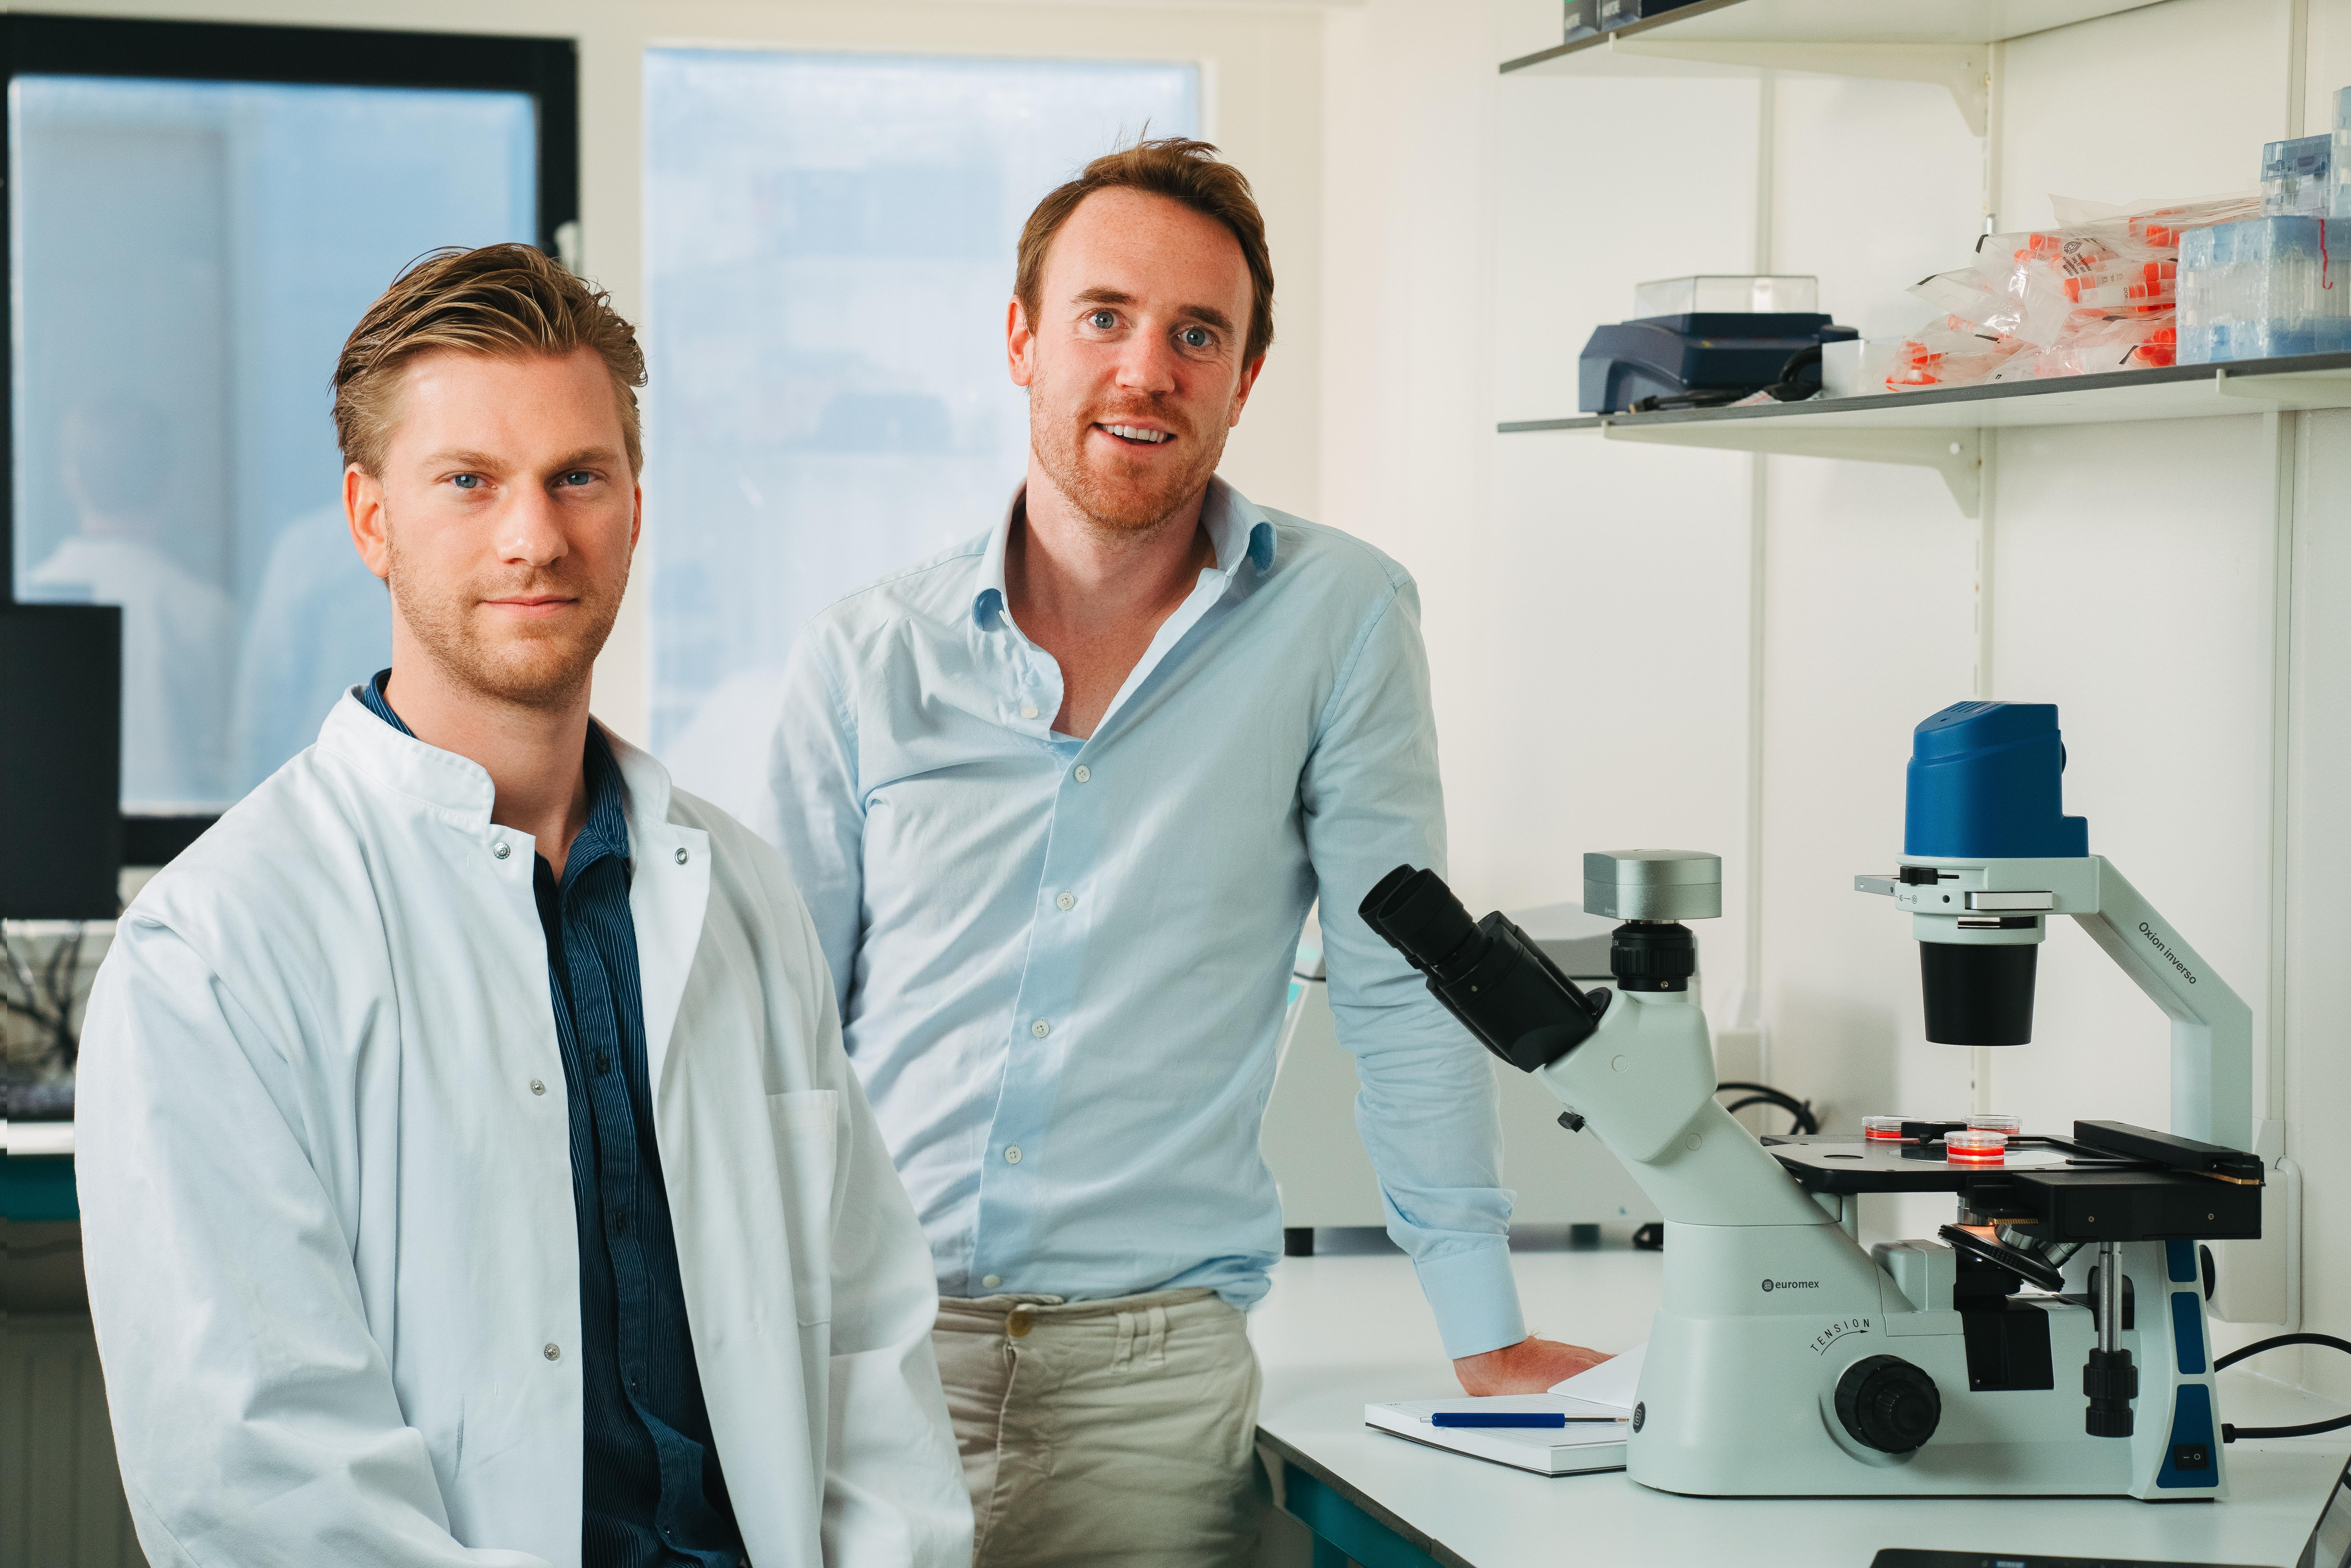 荷兰初创公司Meatable正在开发实验室种植的猪肉,并获得了1000万美元的新融资插图(2)